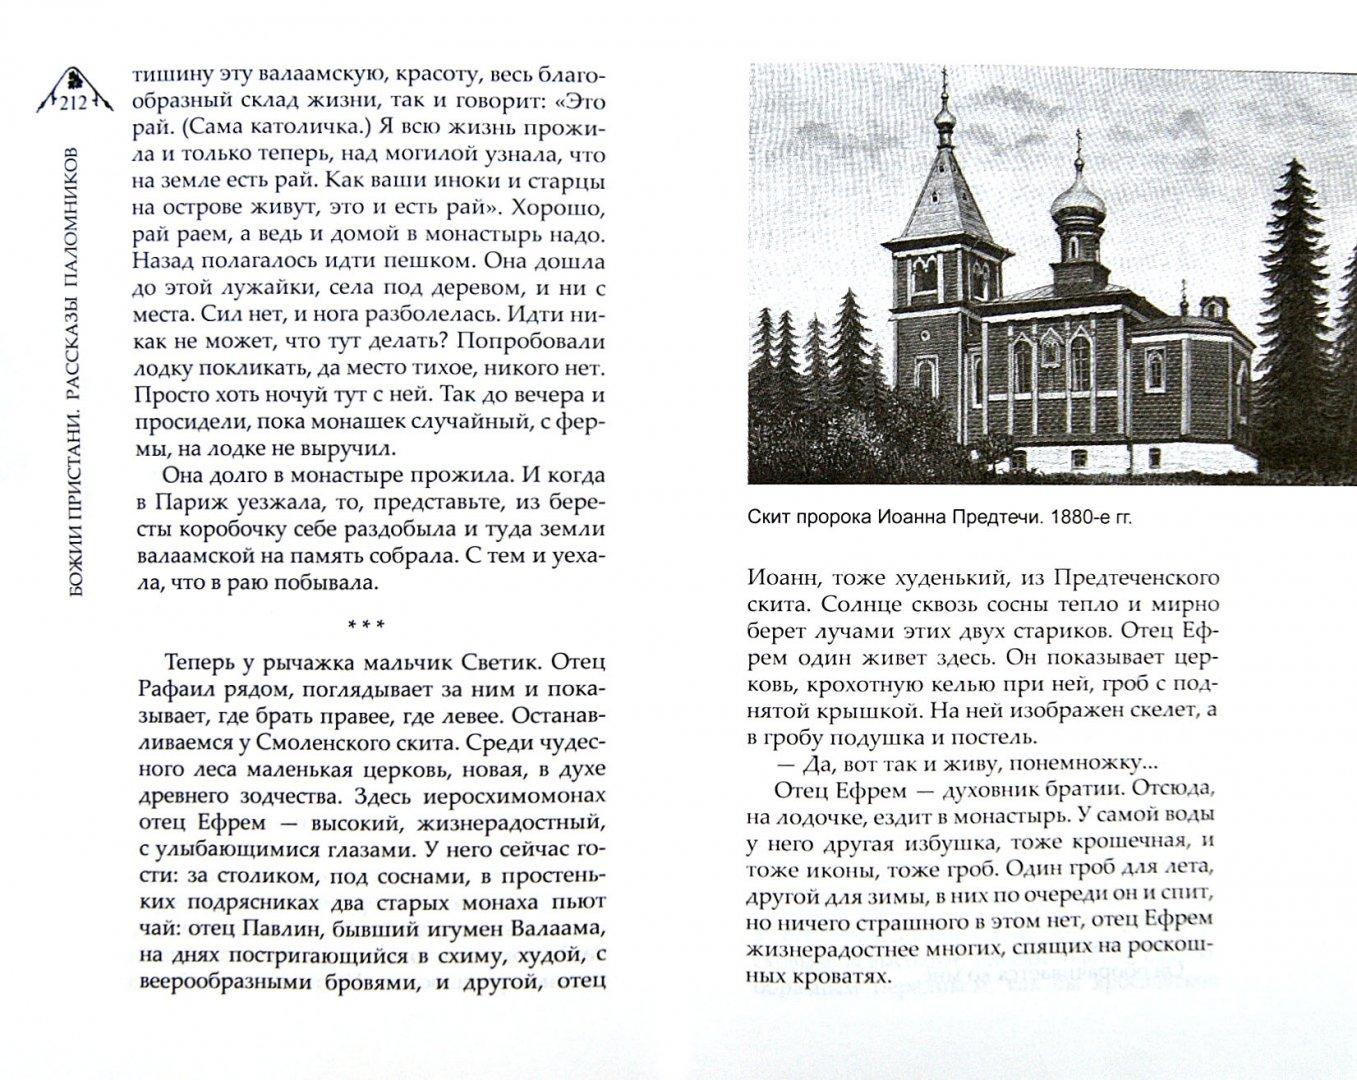 Иллюстрация 1 из 14 для Божии пристани. Рассказы паломников | Лабиринт - книги. Источник: Лабиринт